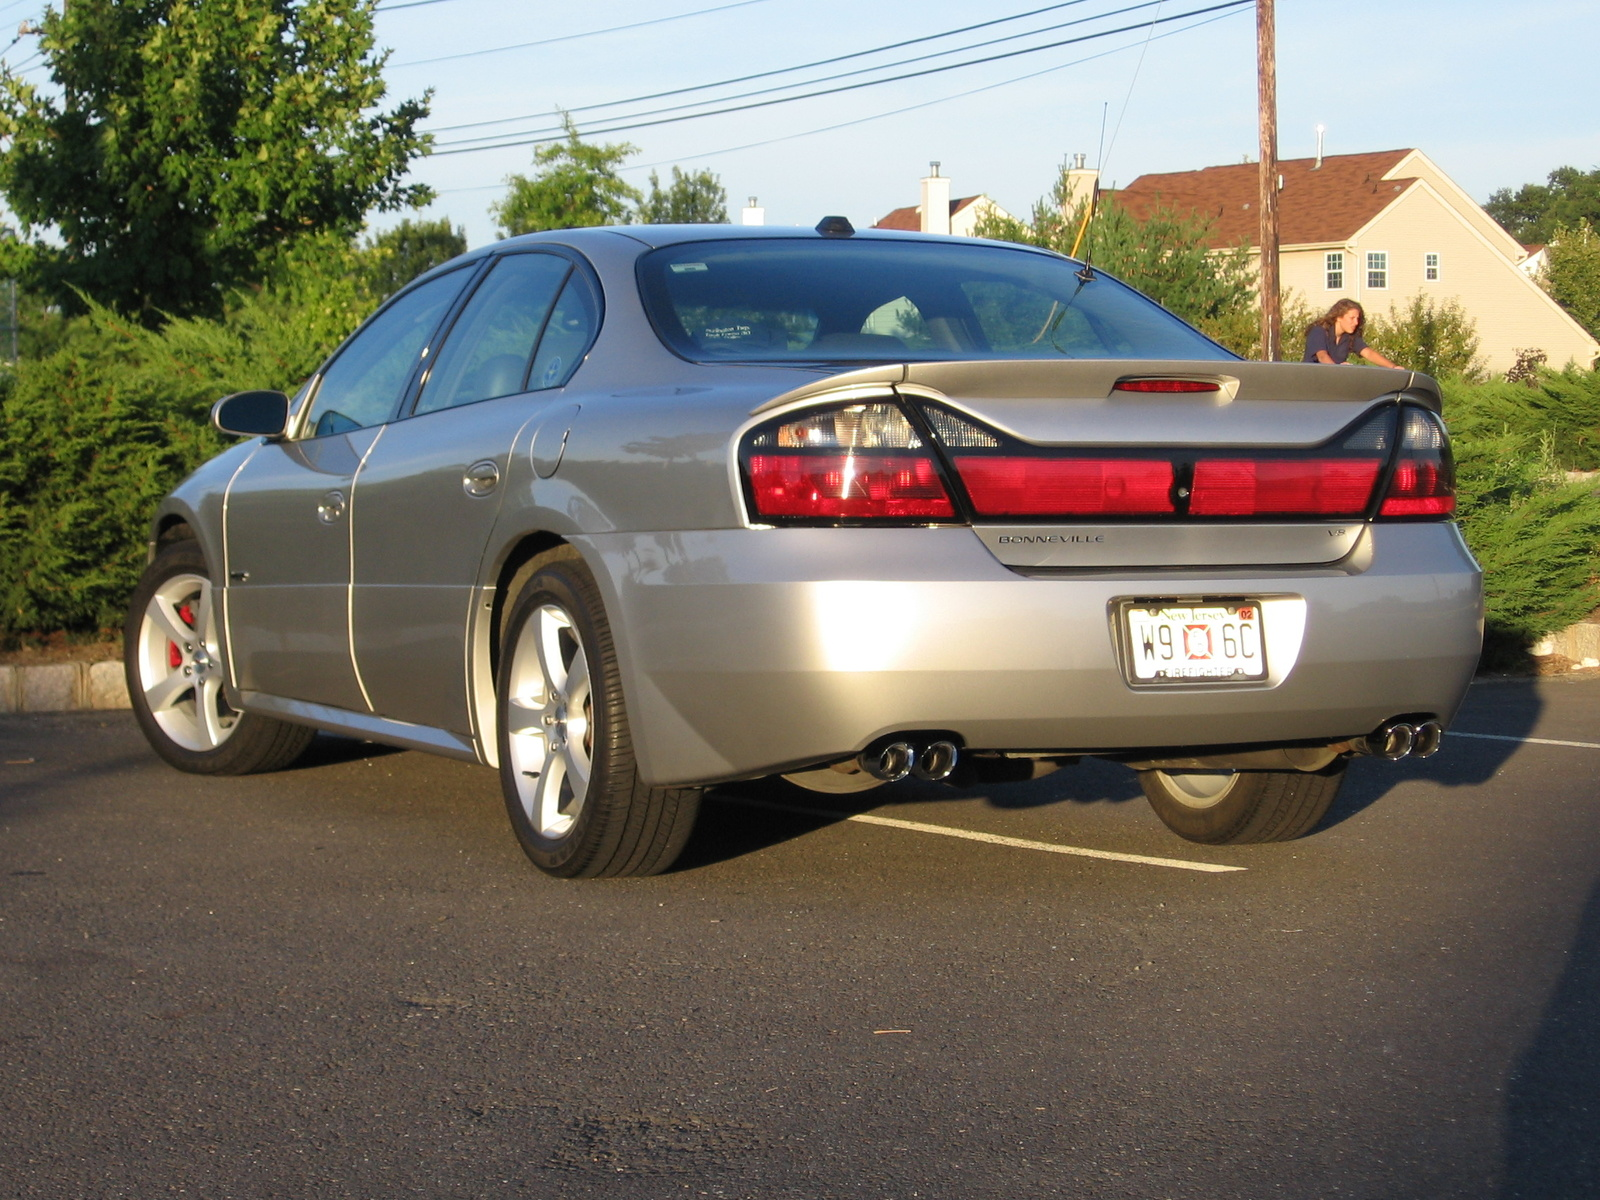 2004 Pontiac Bonneville - Pictures - 2004 Pontiac Bonneville GXP pi ...